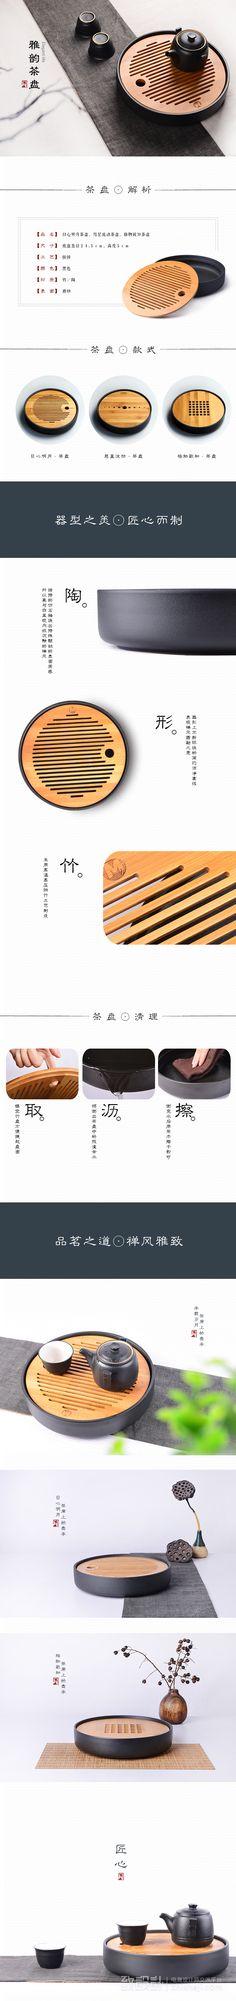 茶盘 木质陶瓷 中国风 时尚 详情页